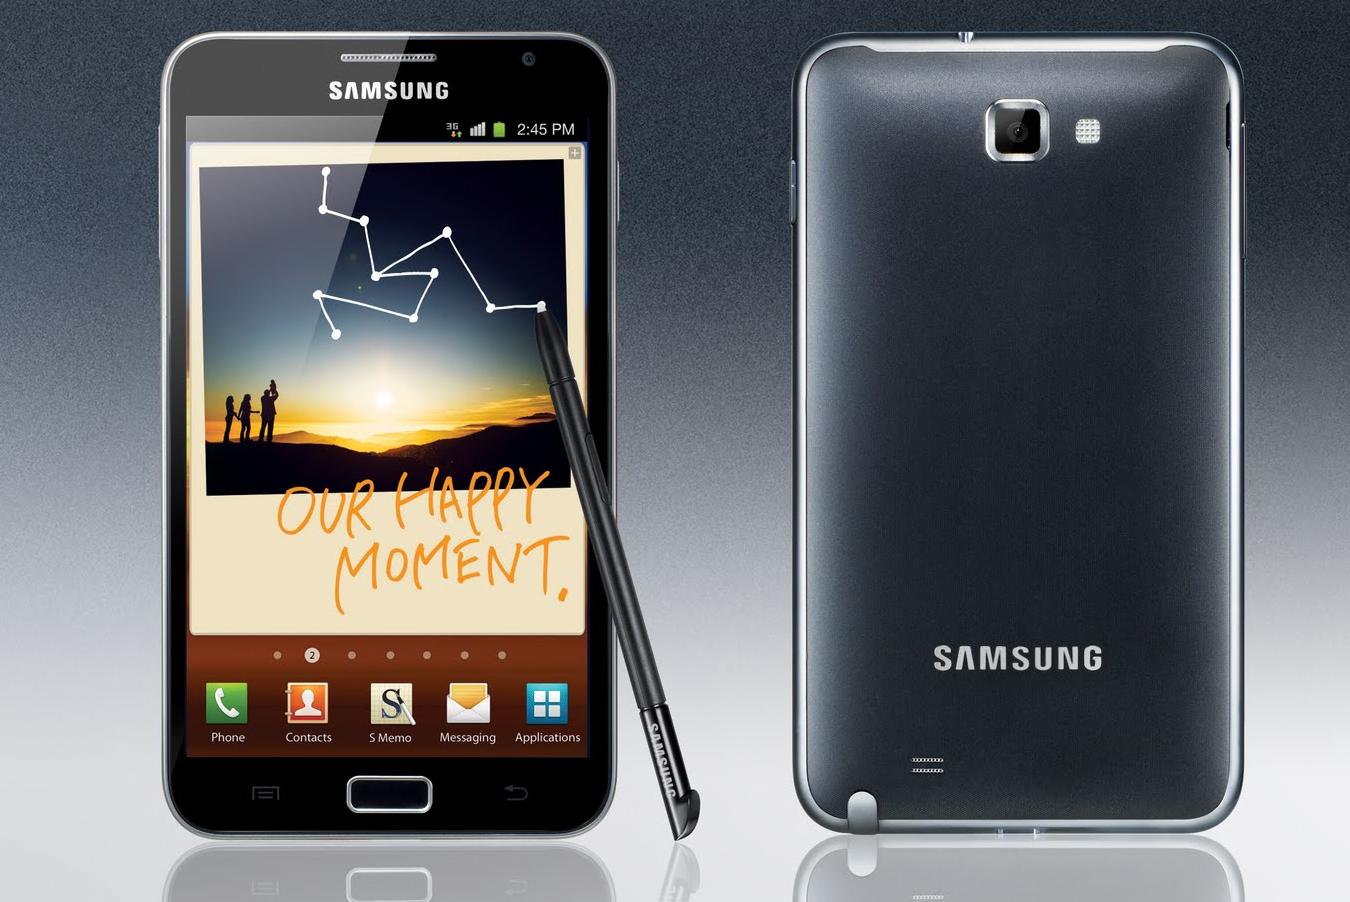 Samsung Galaxy Note 4. Ջրակայուն կորպուսով ֆաբլեթ